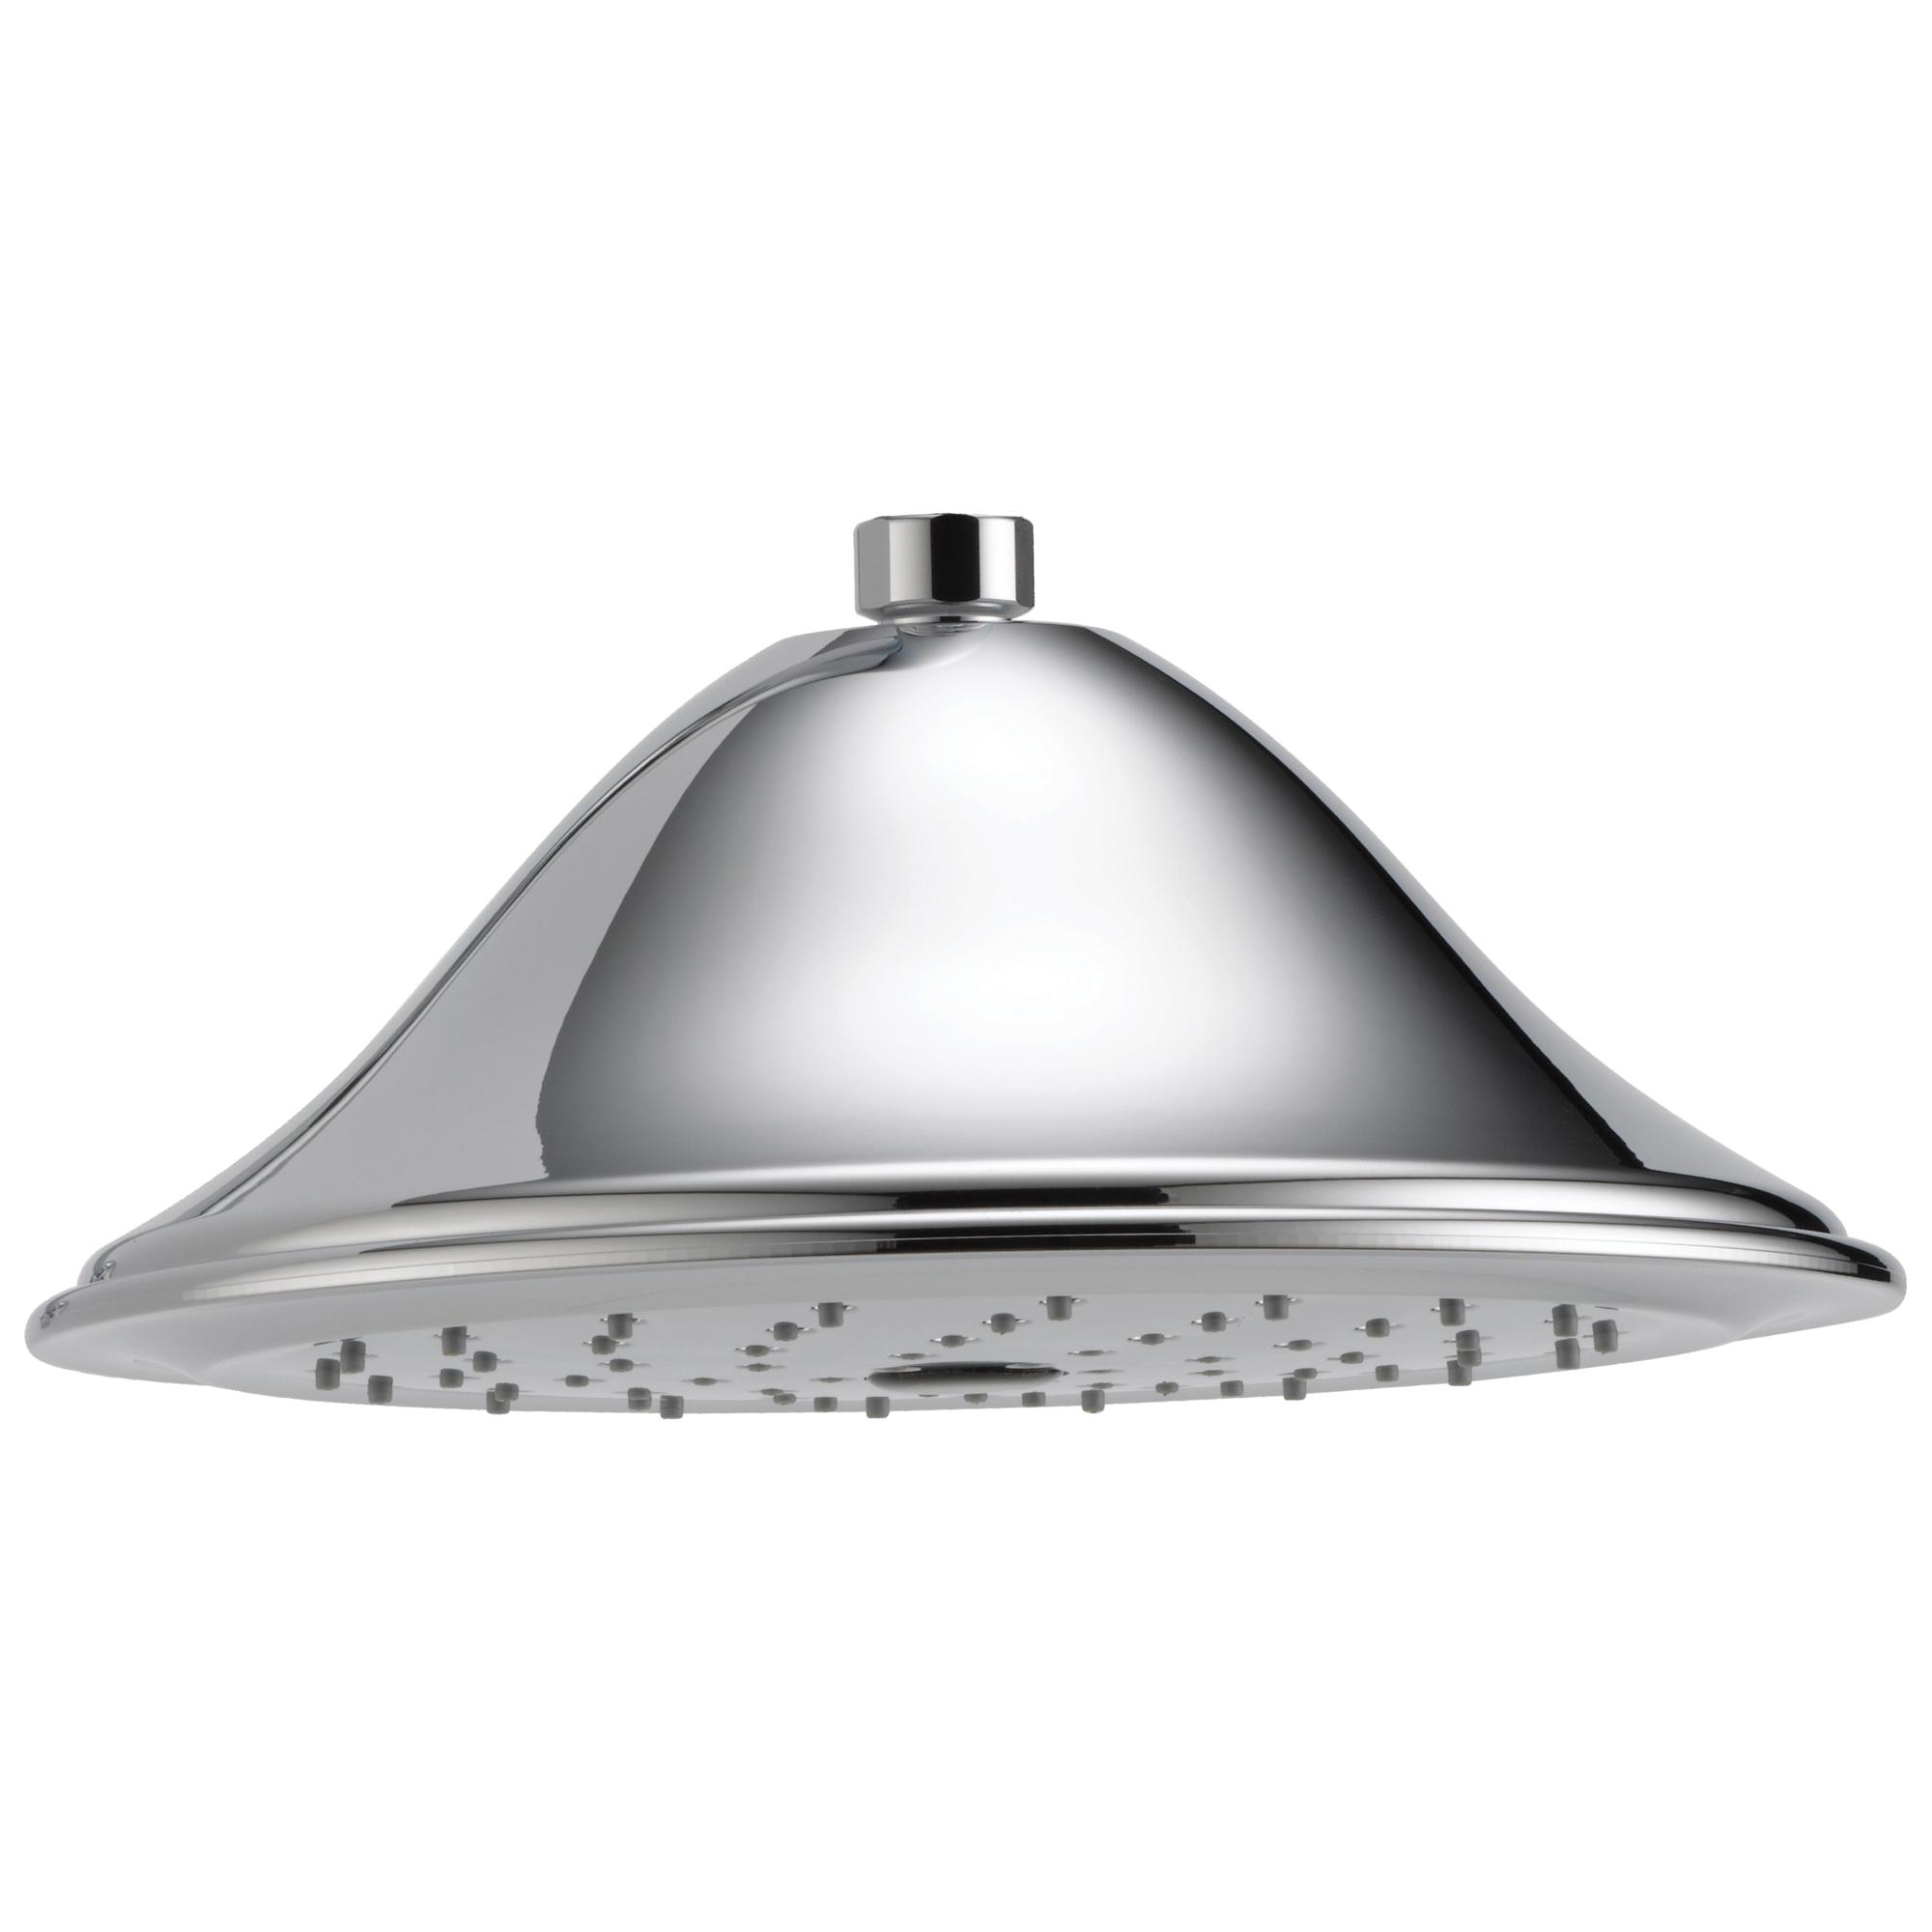 Brizo® RP52090PC-2.5 Raincan Shower Head, Brizo® Traditional, 2.5 gpm, 1 Sprays, 9-3/8 in Dia Head, Import